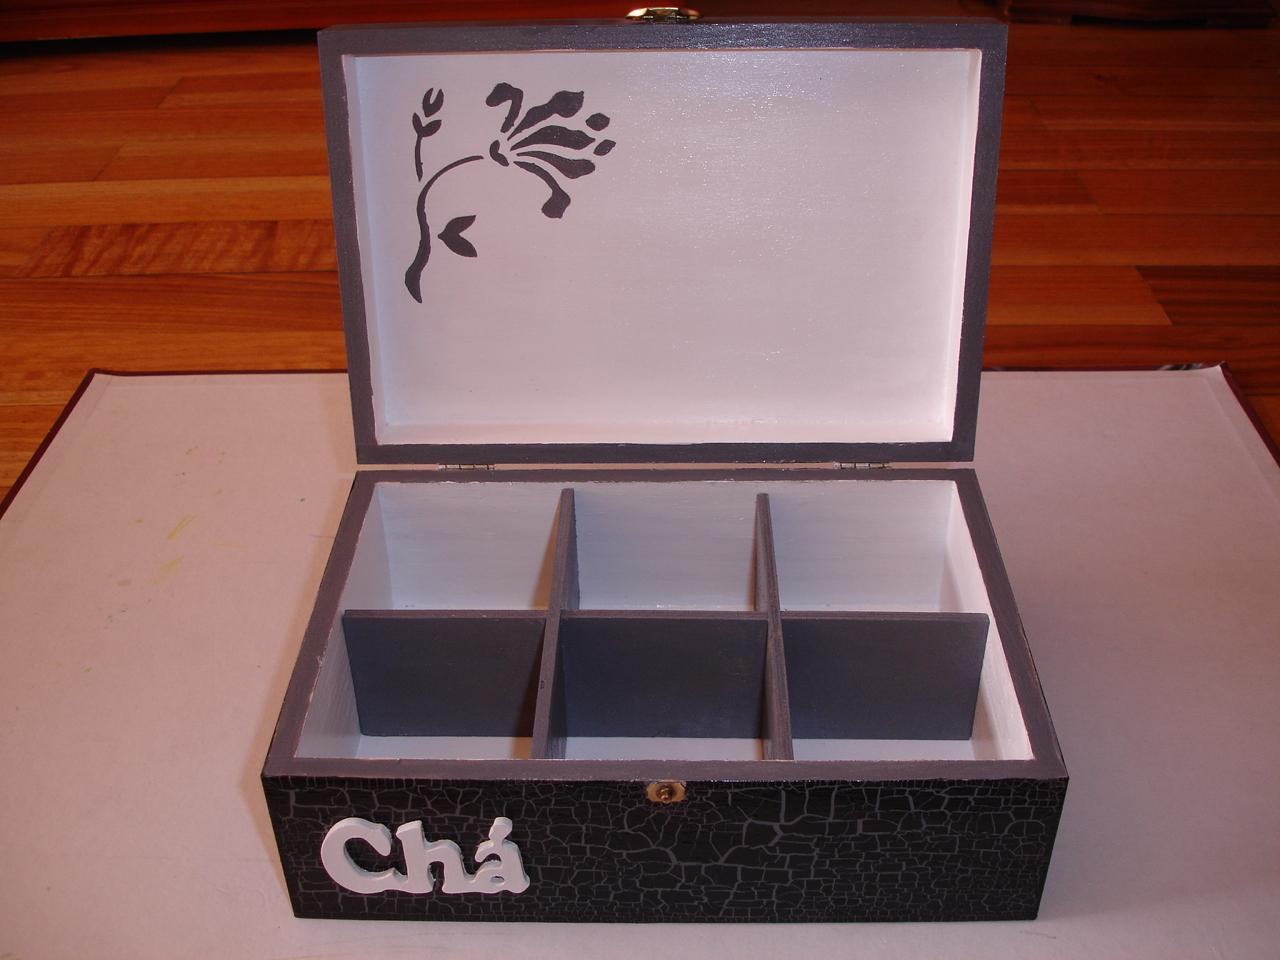 Prendinhas da Ana: Caixa de Chá pintada à mão #772912 1280x960